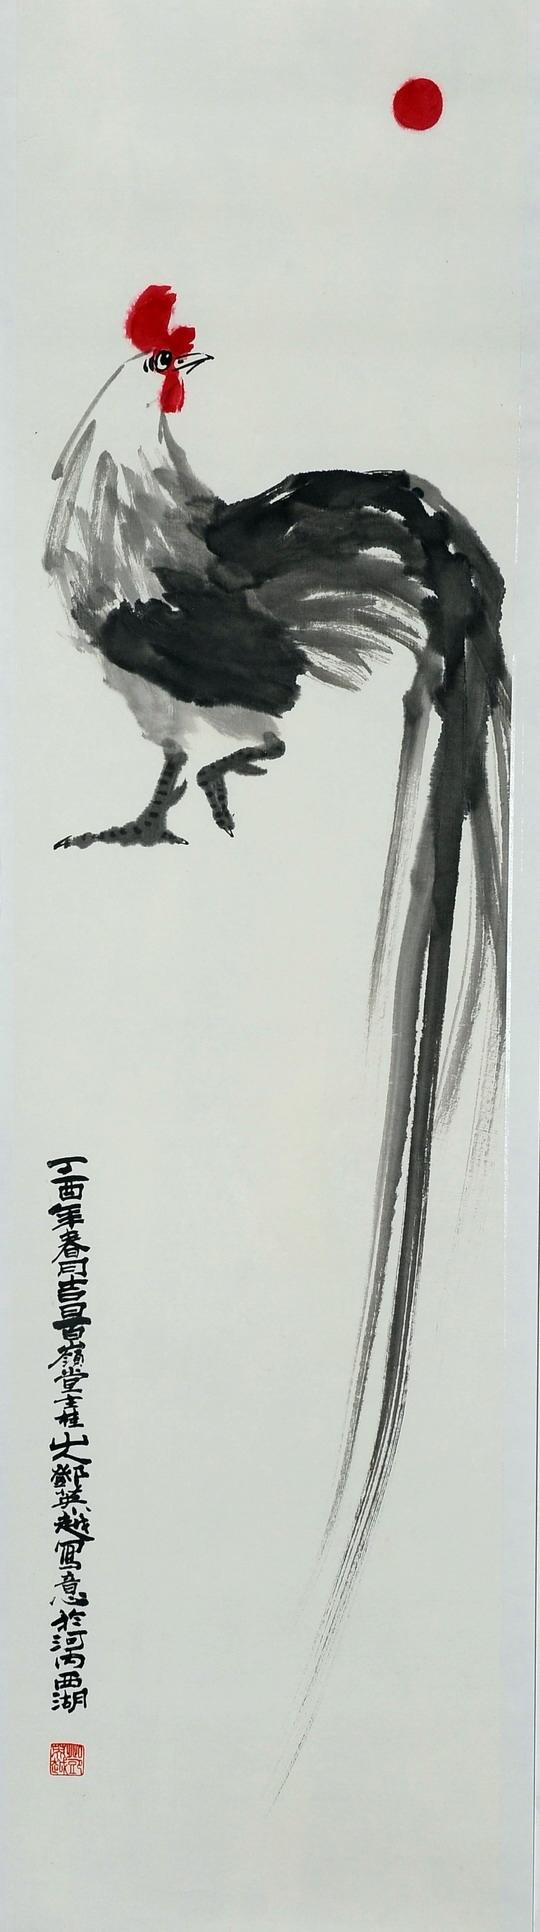 Long Tailed Cock   Gà Trống Đuôi Dài